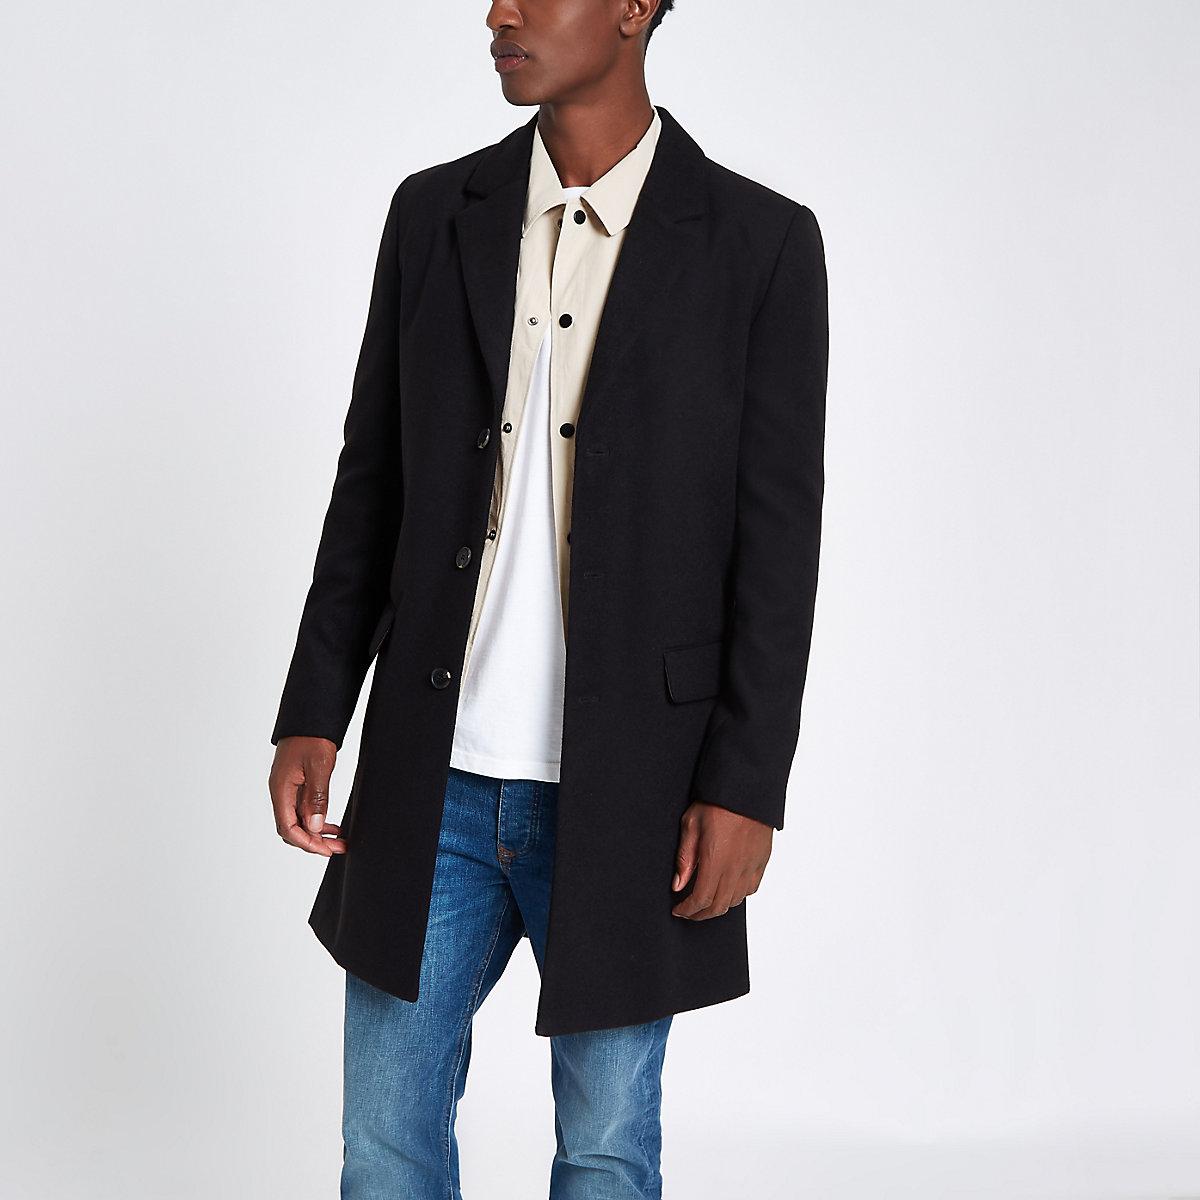 Black smart overcoat